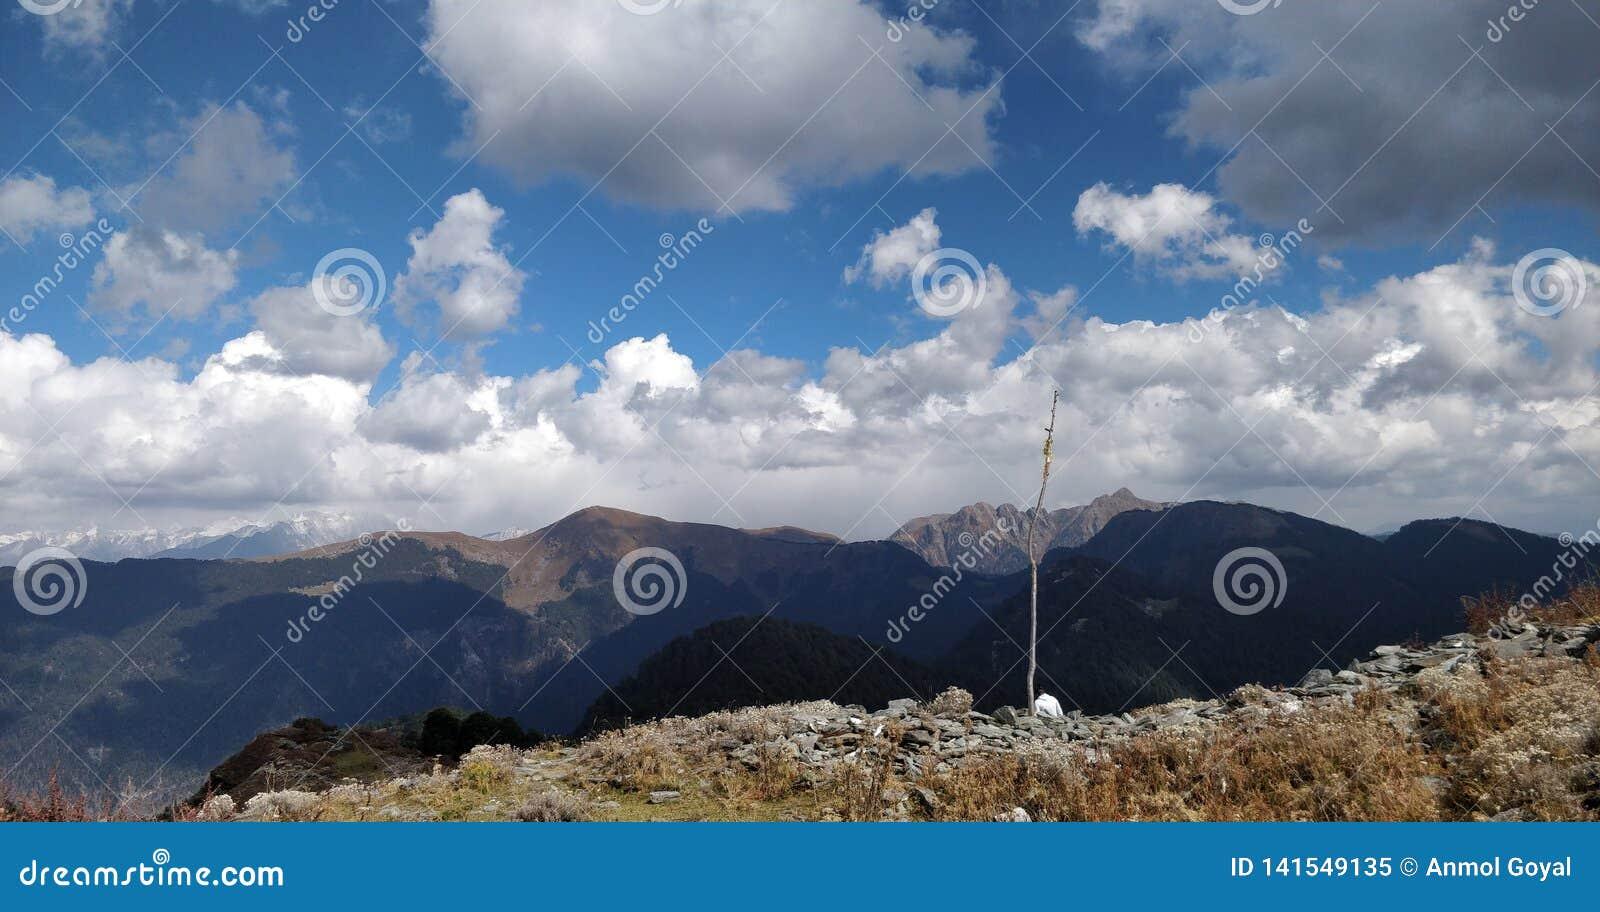 Viaje a través de las montañas que tocan el cielo